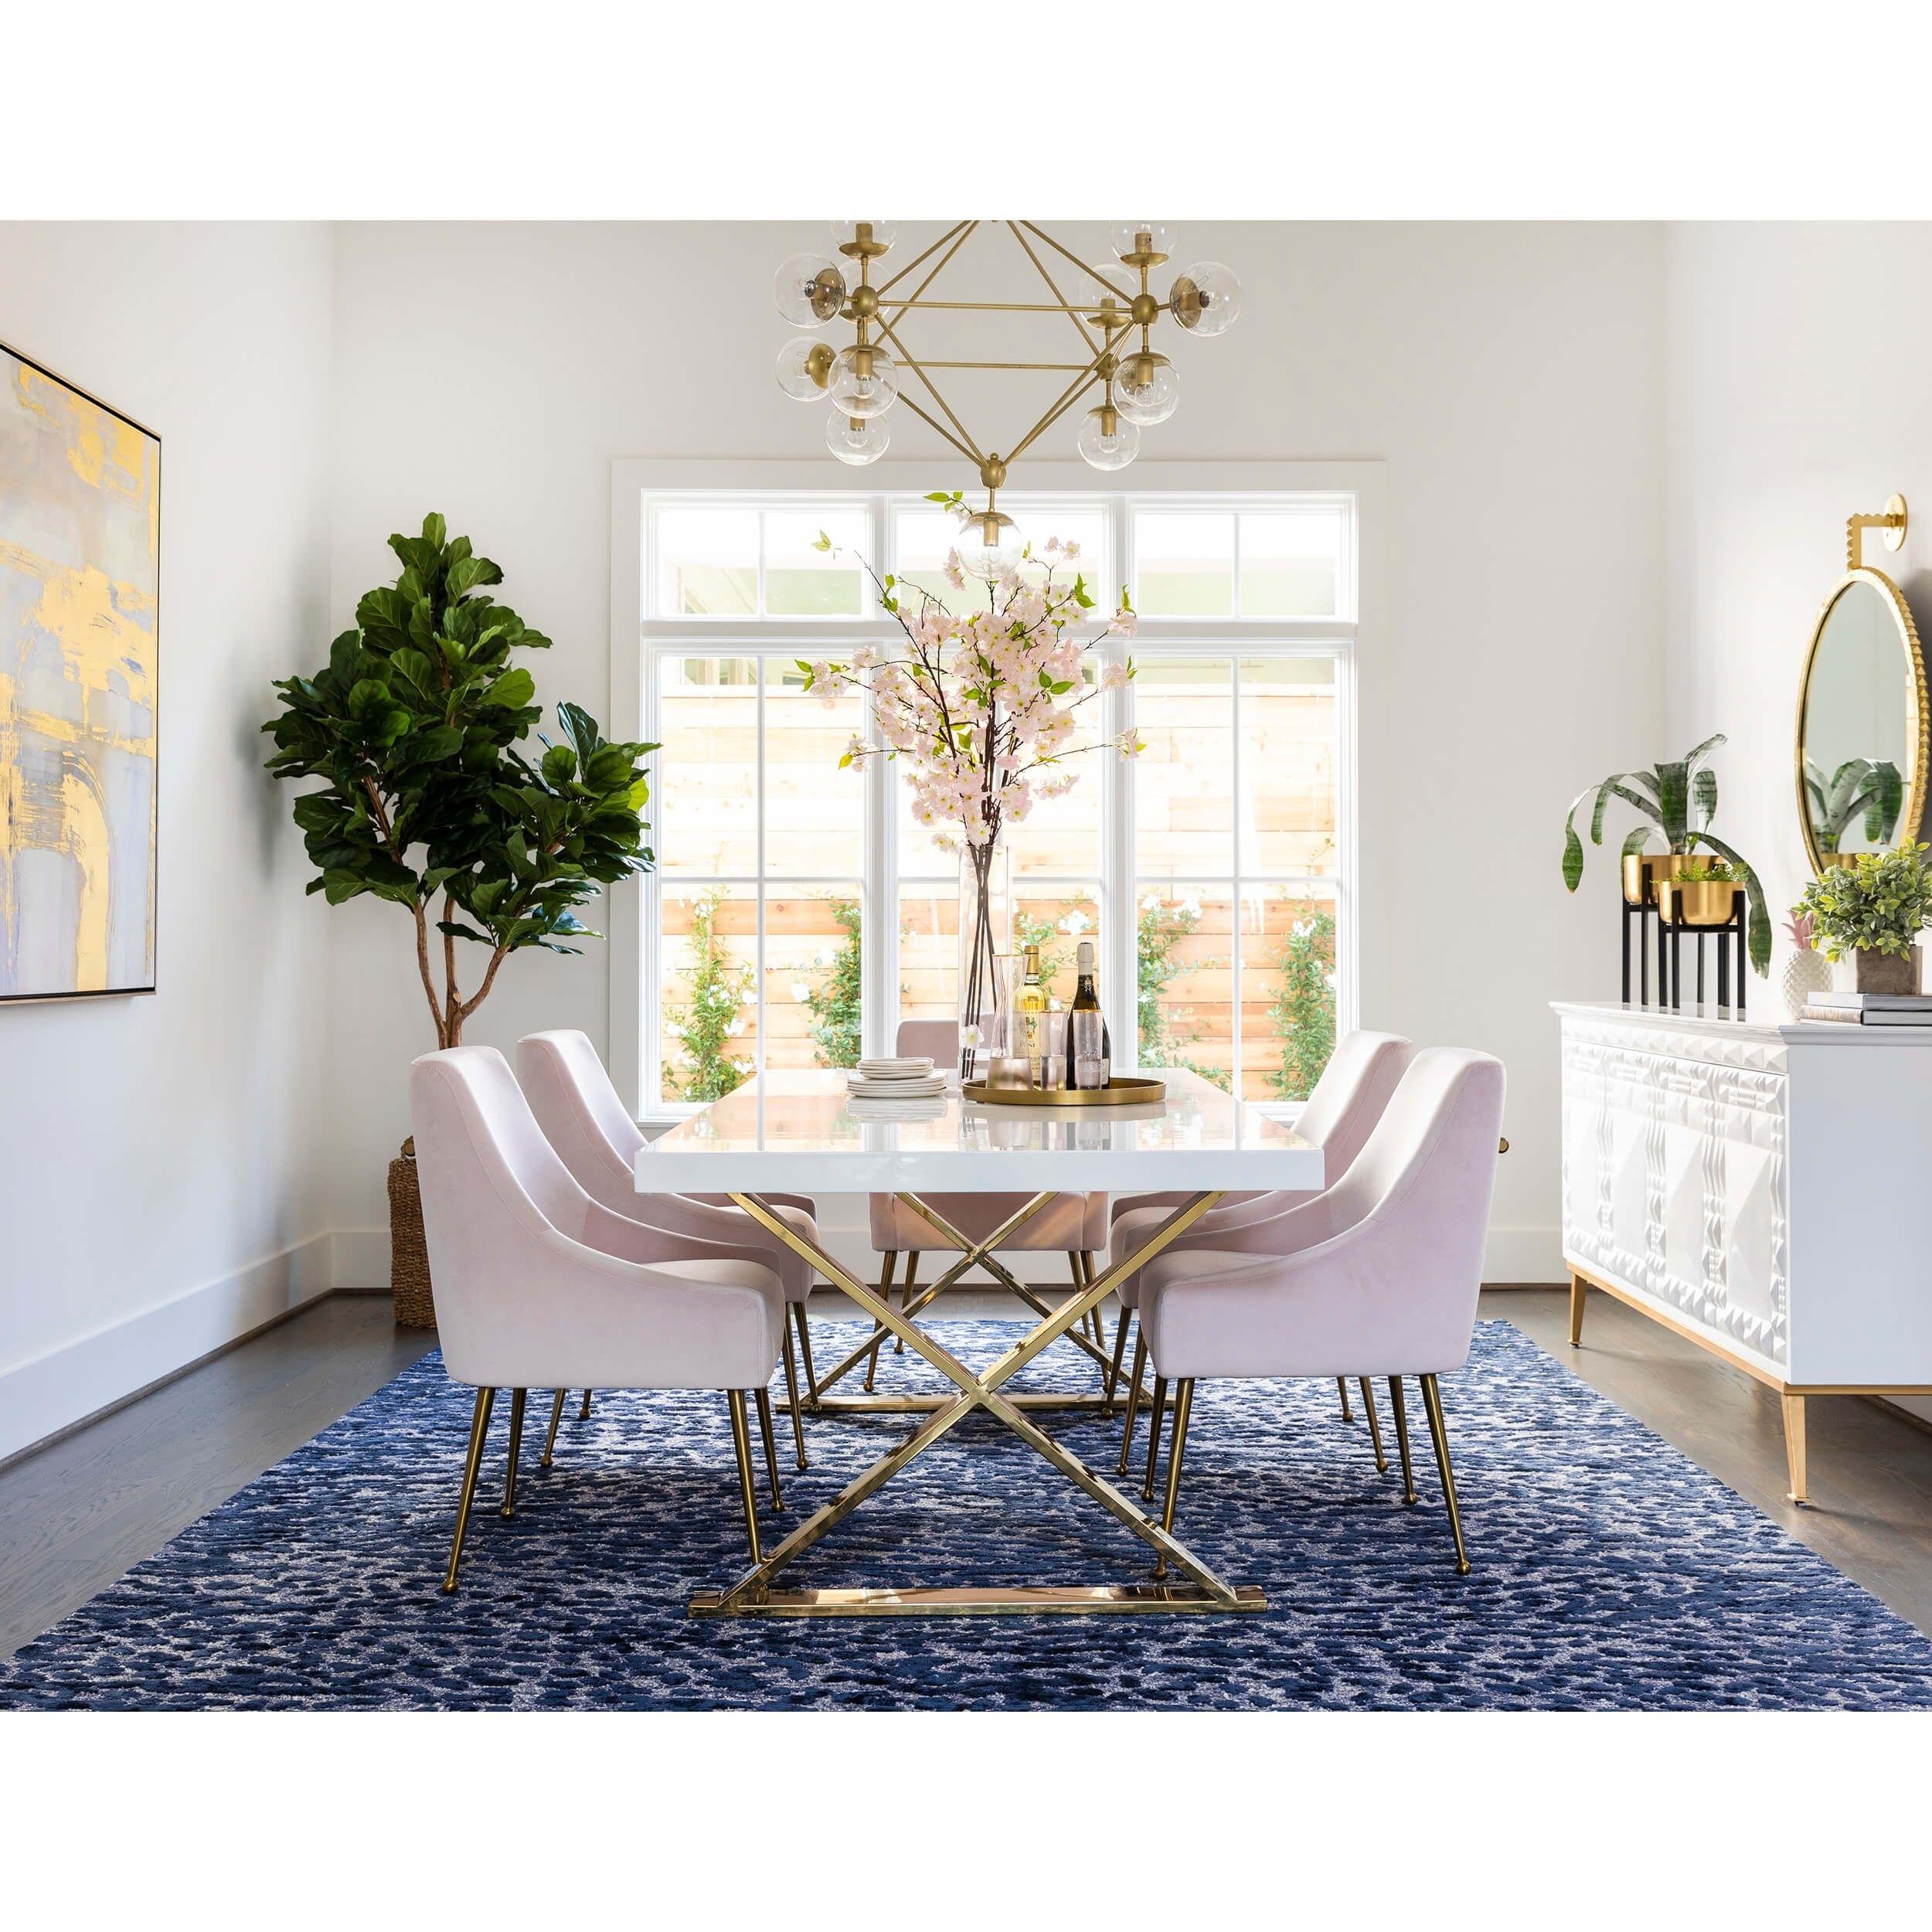 Alexa Dining Table White Polished Gold Base Gold Dining Room White Dining Room Dining Room Small